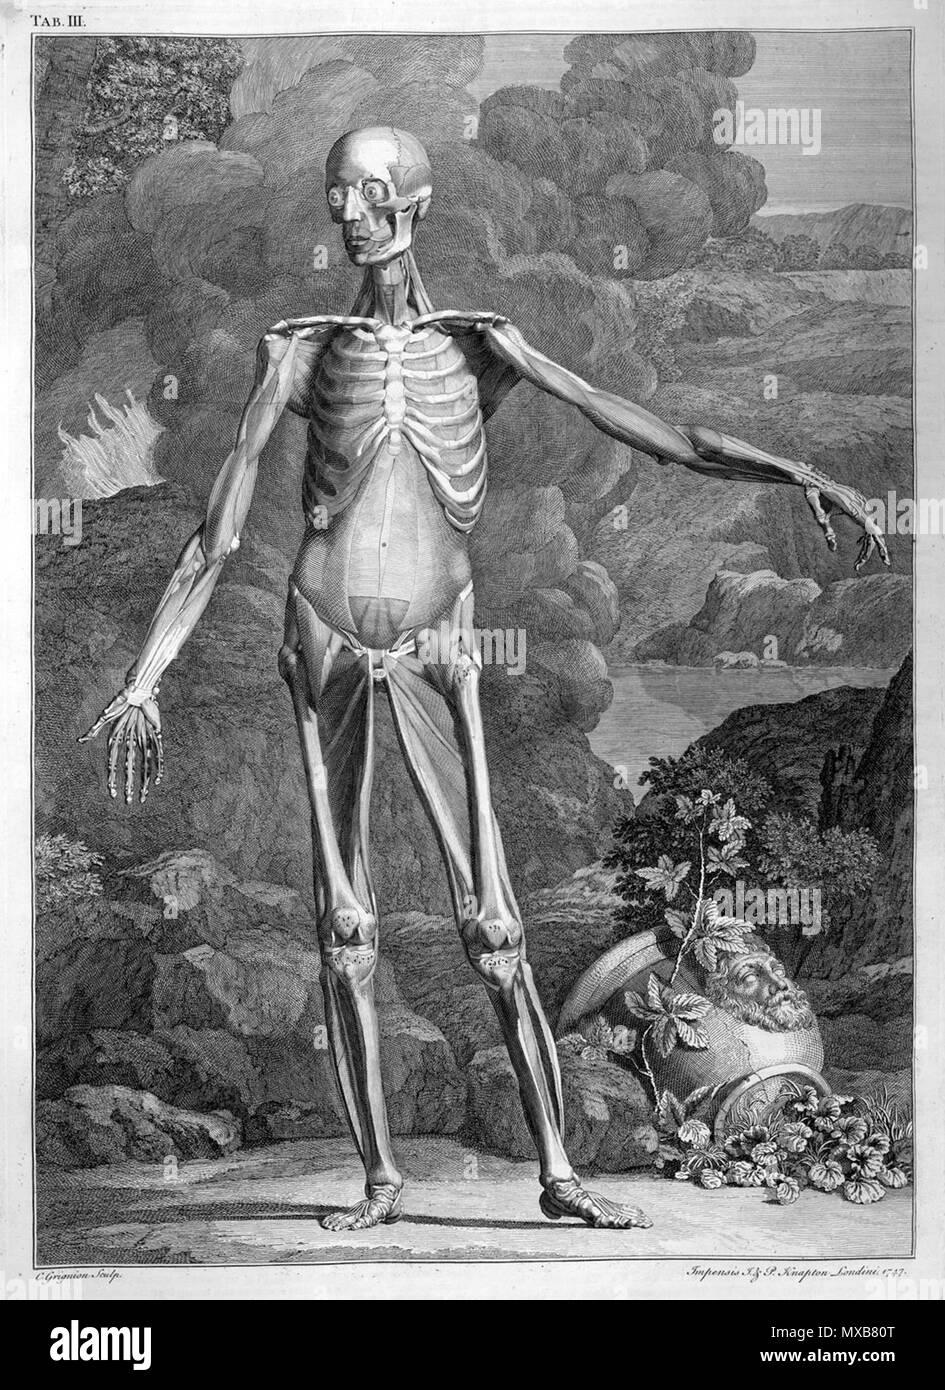 Nett Der Menschliche Körper Tabelle Fotos - Anatomie Von ...